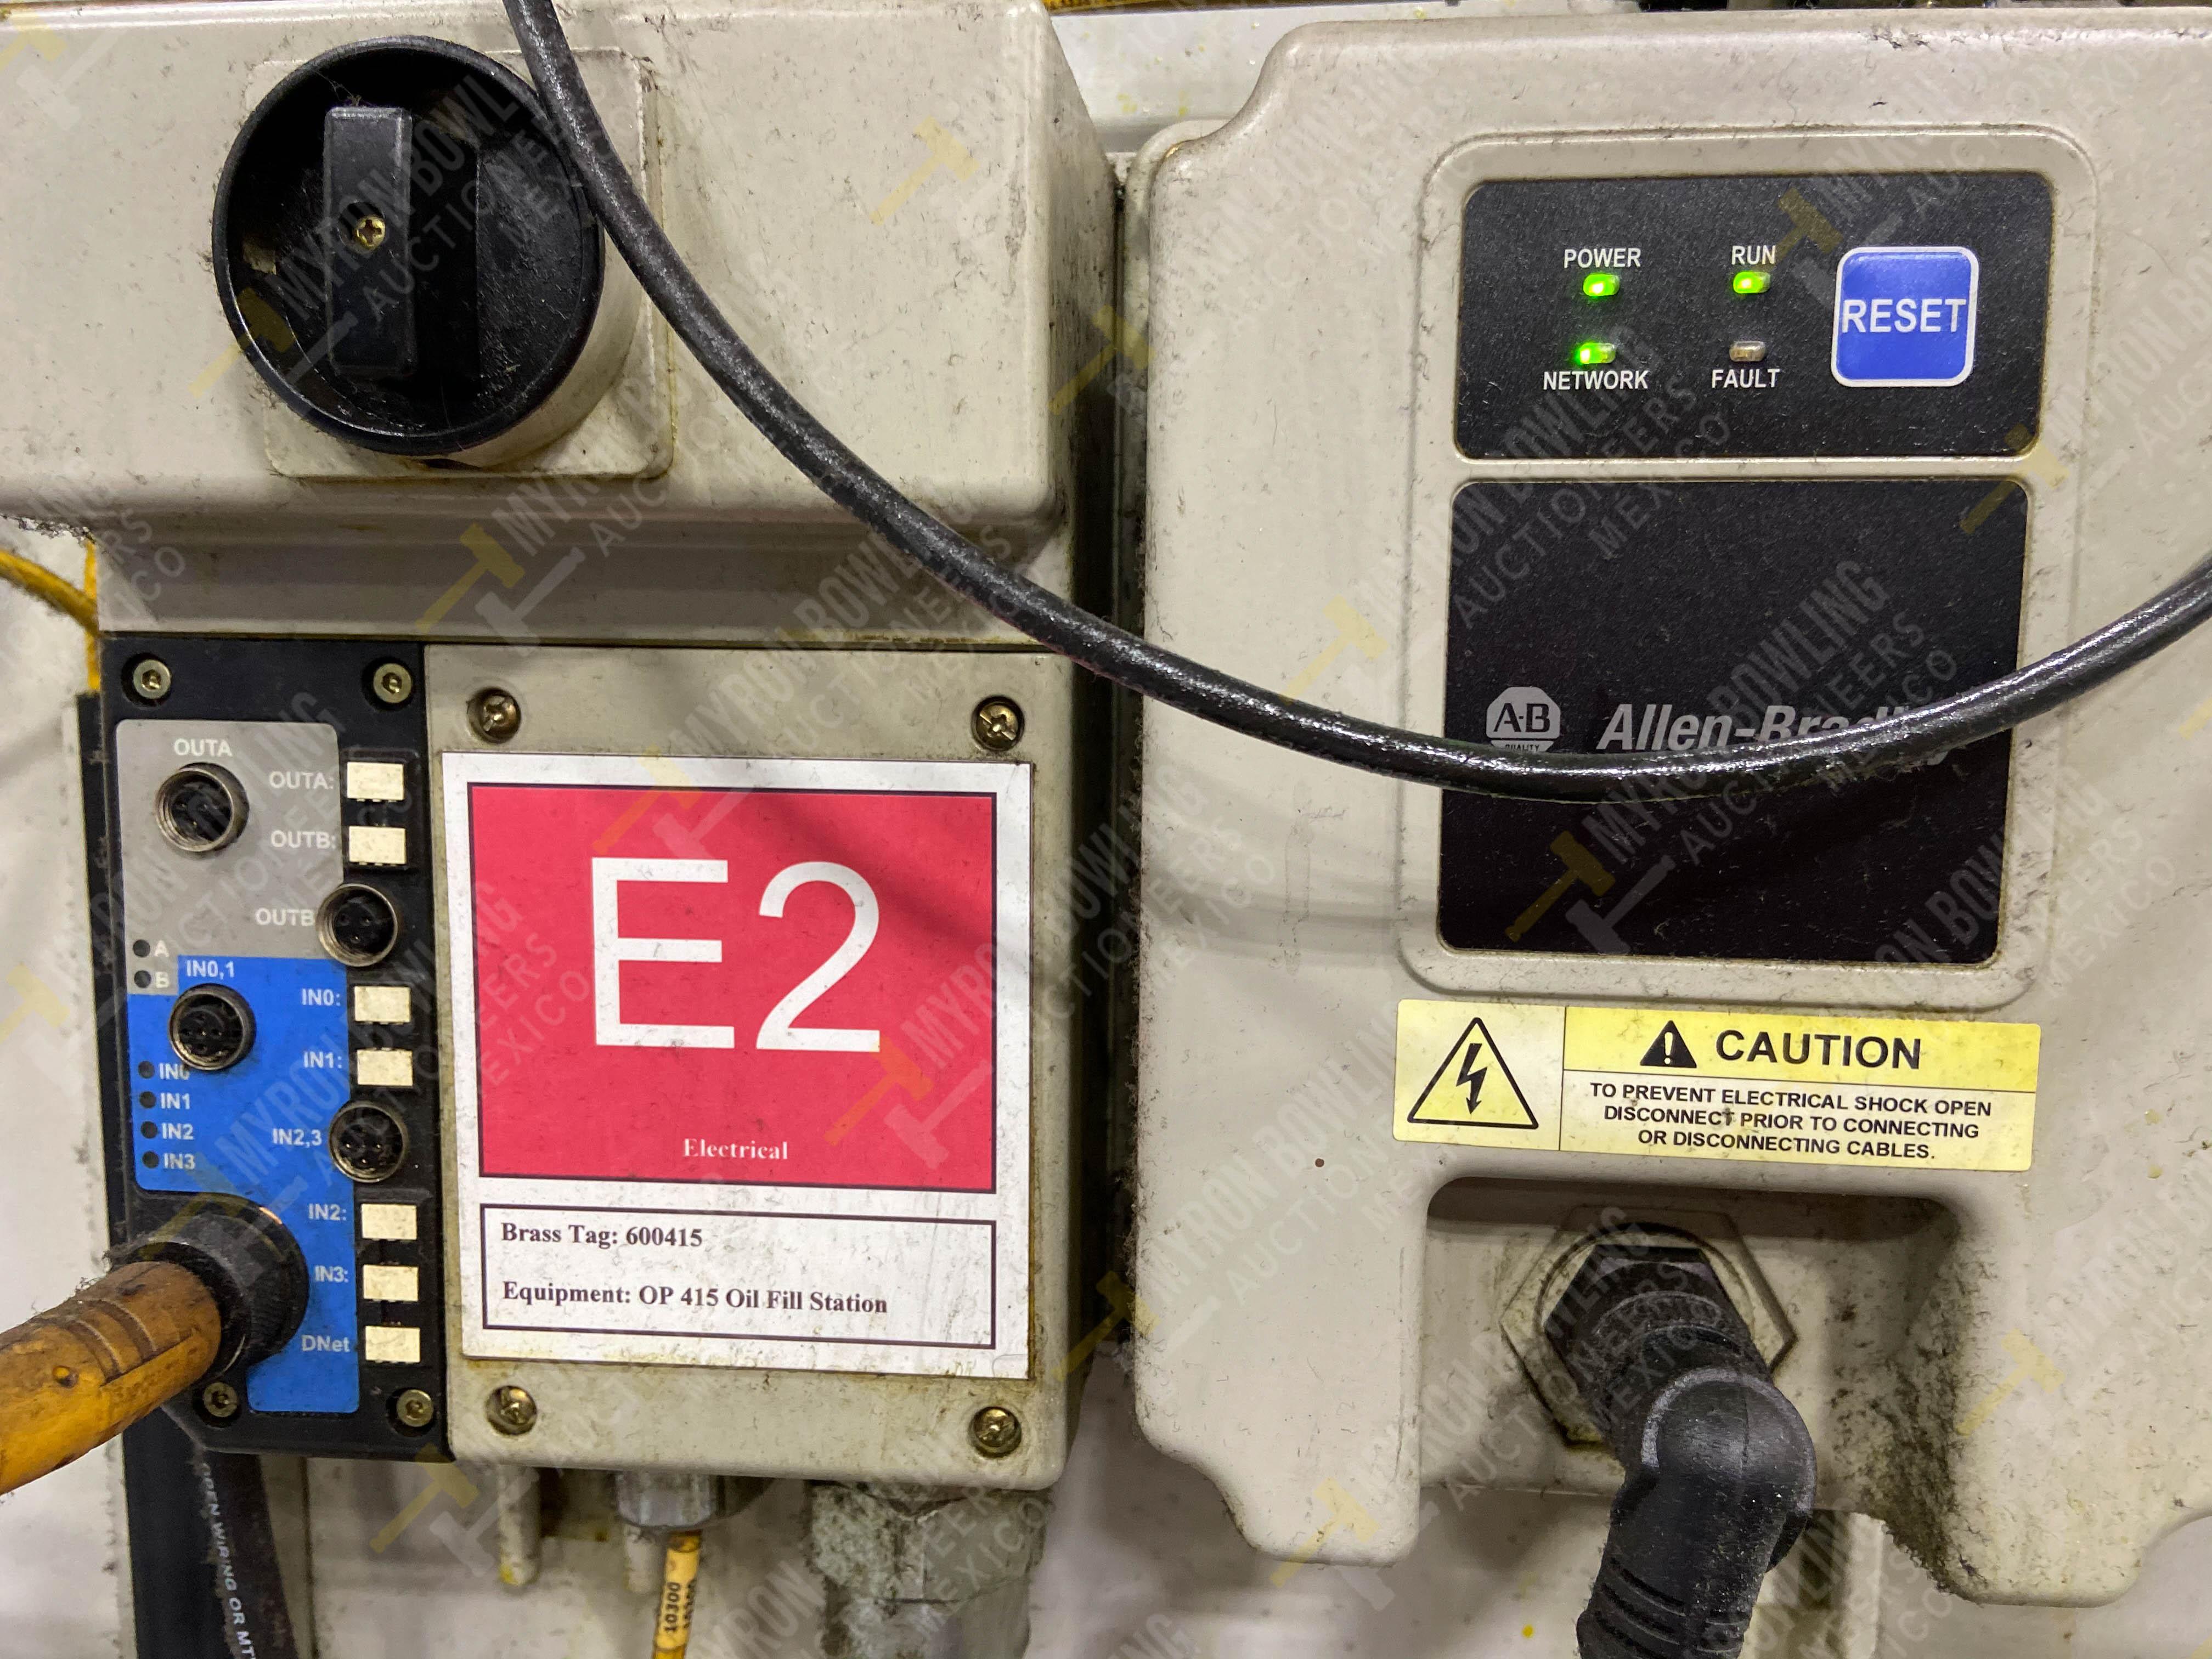 Bomba de aceite y filtros para el llenado de housings en lote 30 y 31. - Image 16 of 30